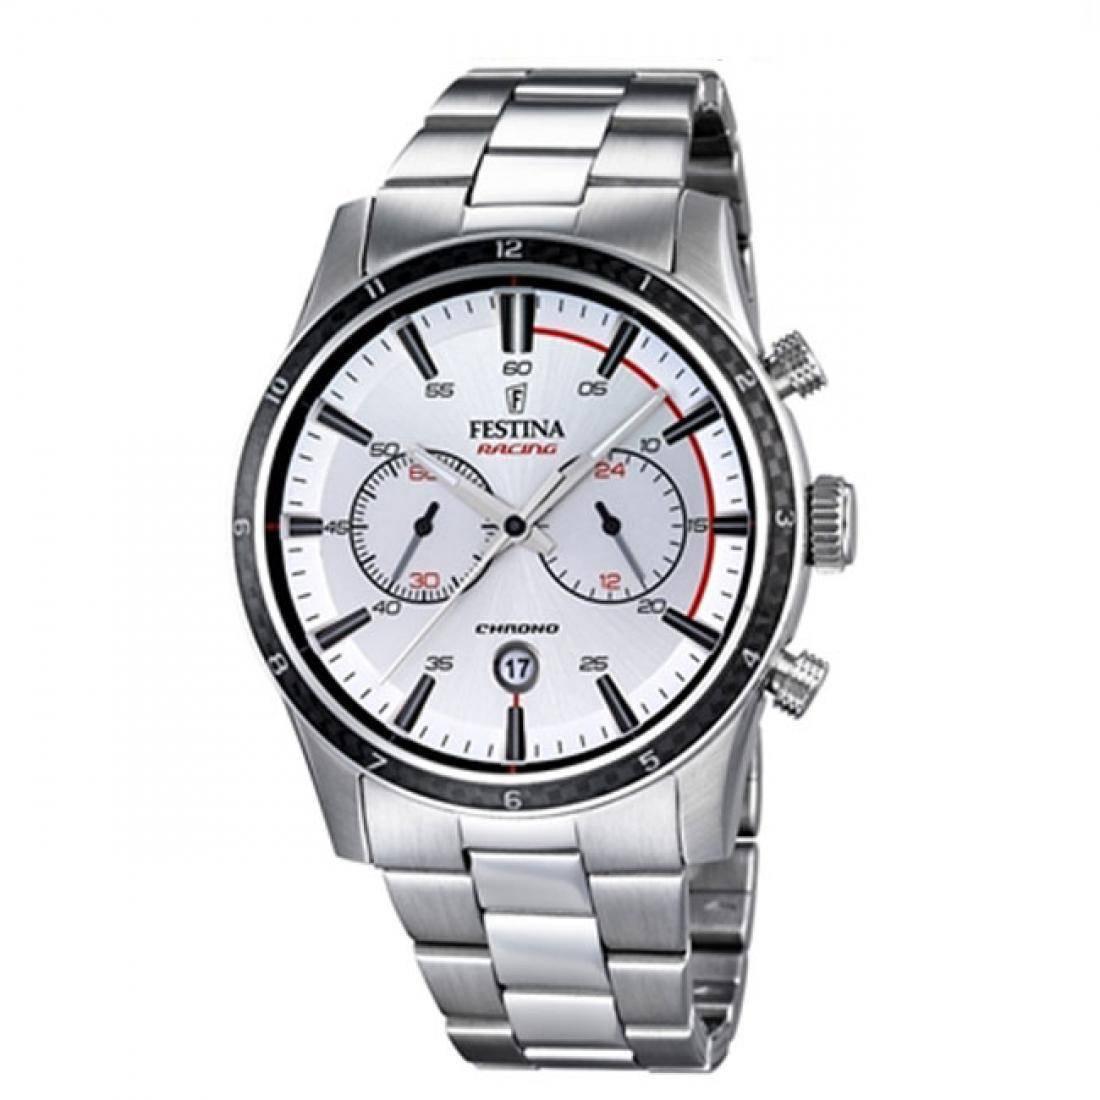 Reloj Festina modelo F16818-1 sport racing conmemoración Tour de Gran Bretaña